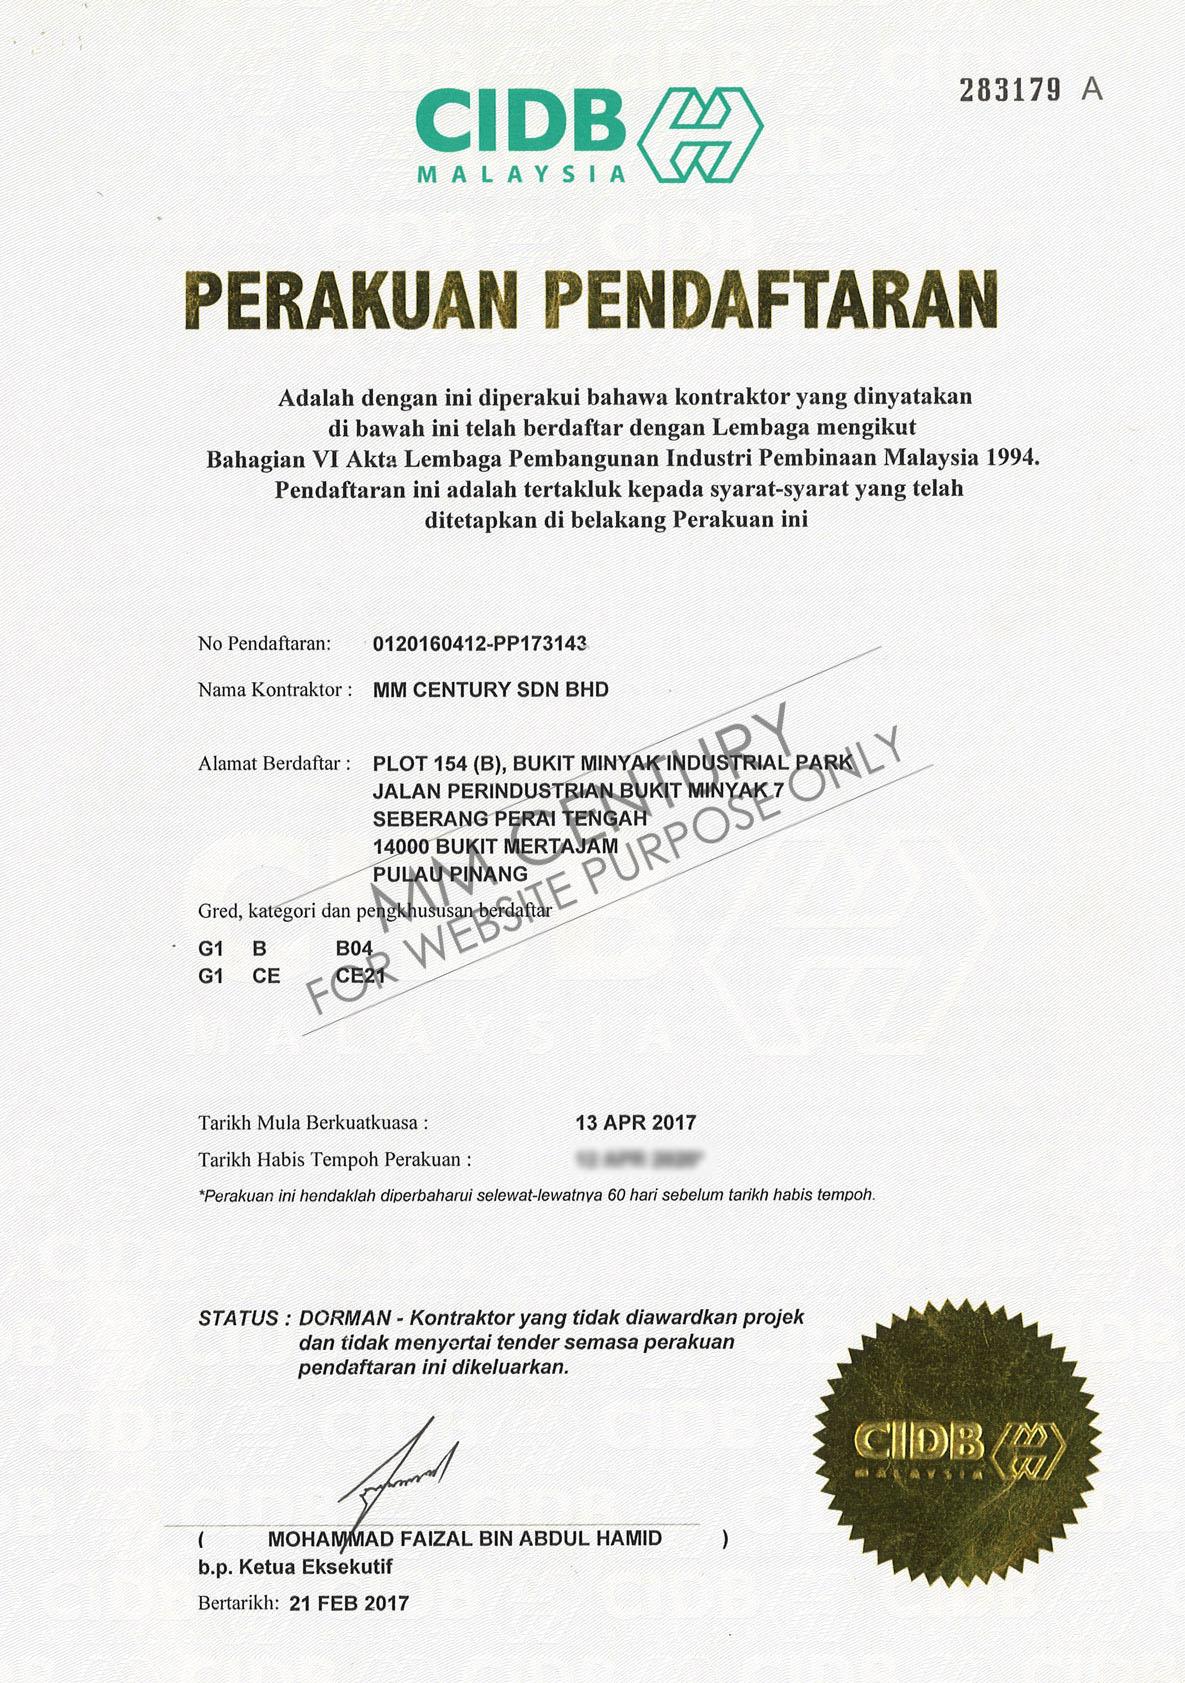 MM Century- CIDB Malaysia, Perakuan Pendaftaran, JPSPN